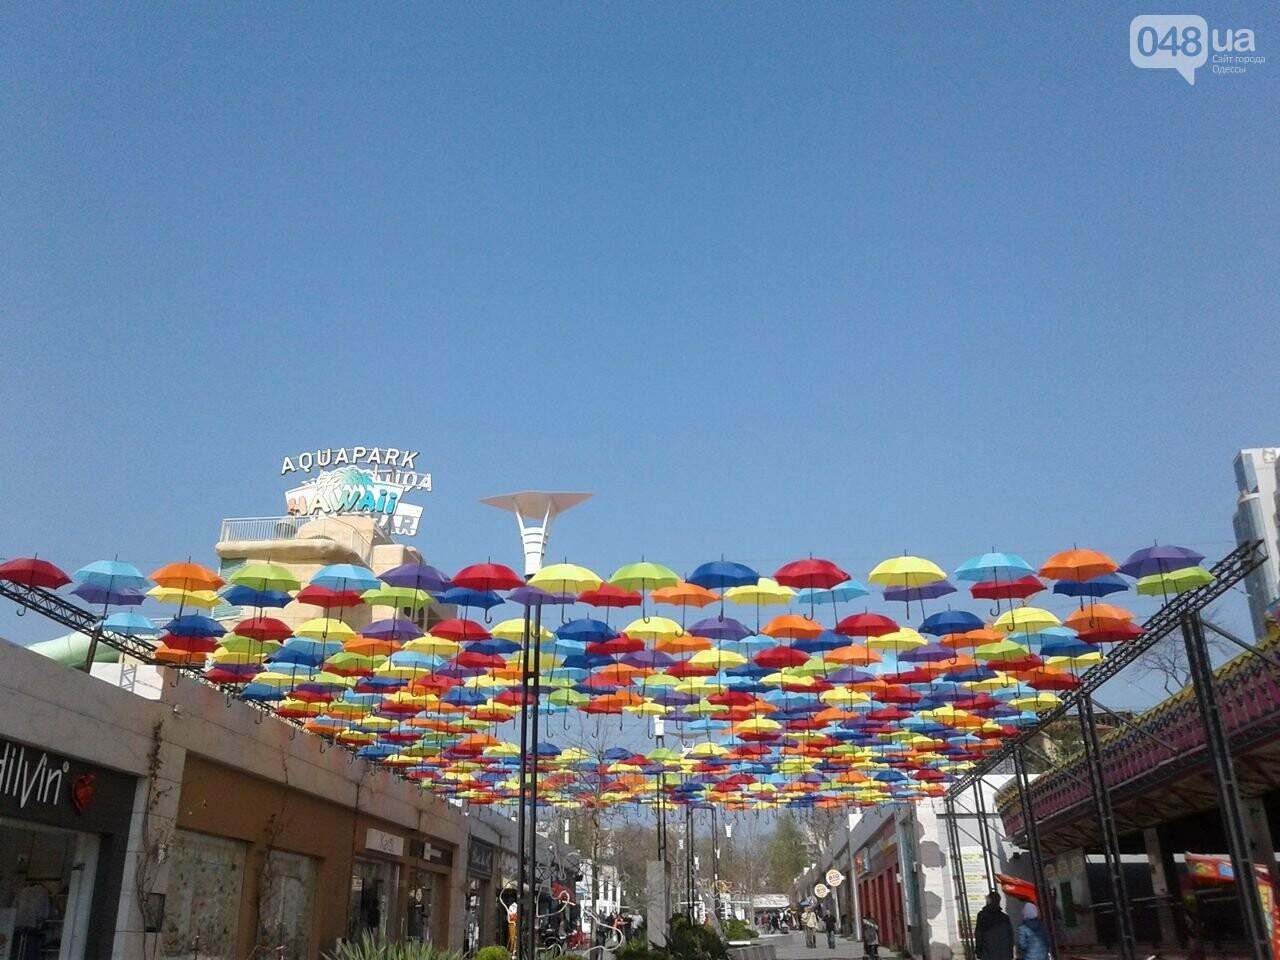 Одесскую Аркадию украсили разноцветные зонты: приходи фотографироваться (ФОТО), фото-2